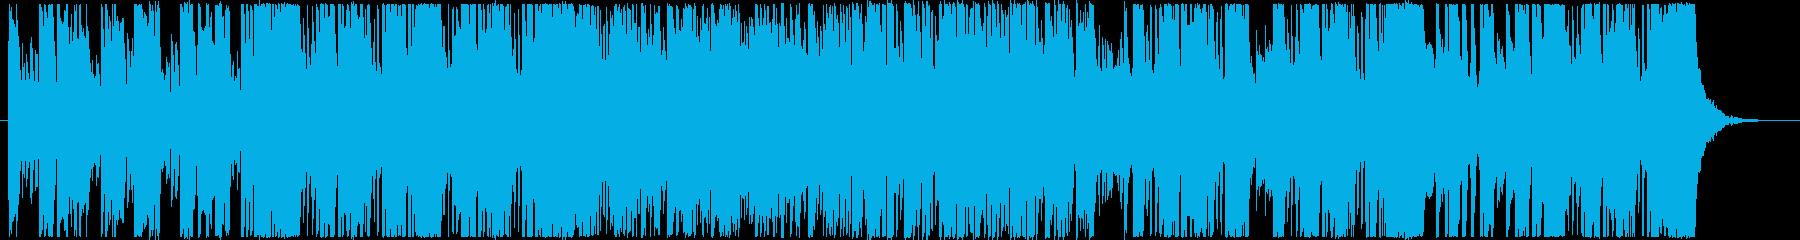 アジアンテイストな落ち着いたチルアウトの再生済みの波形